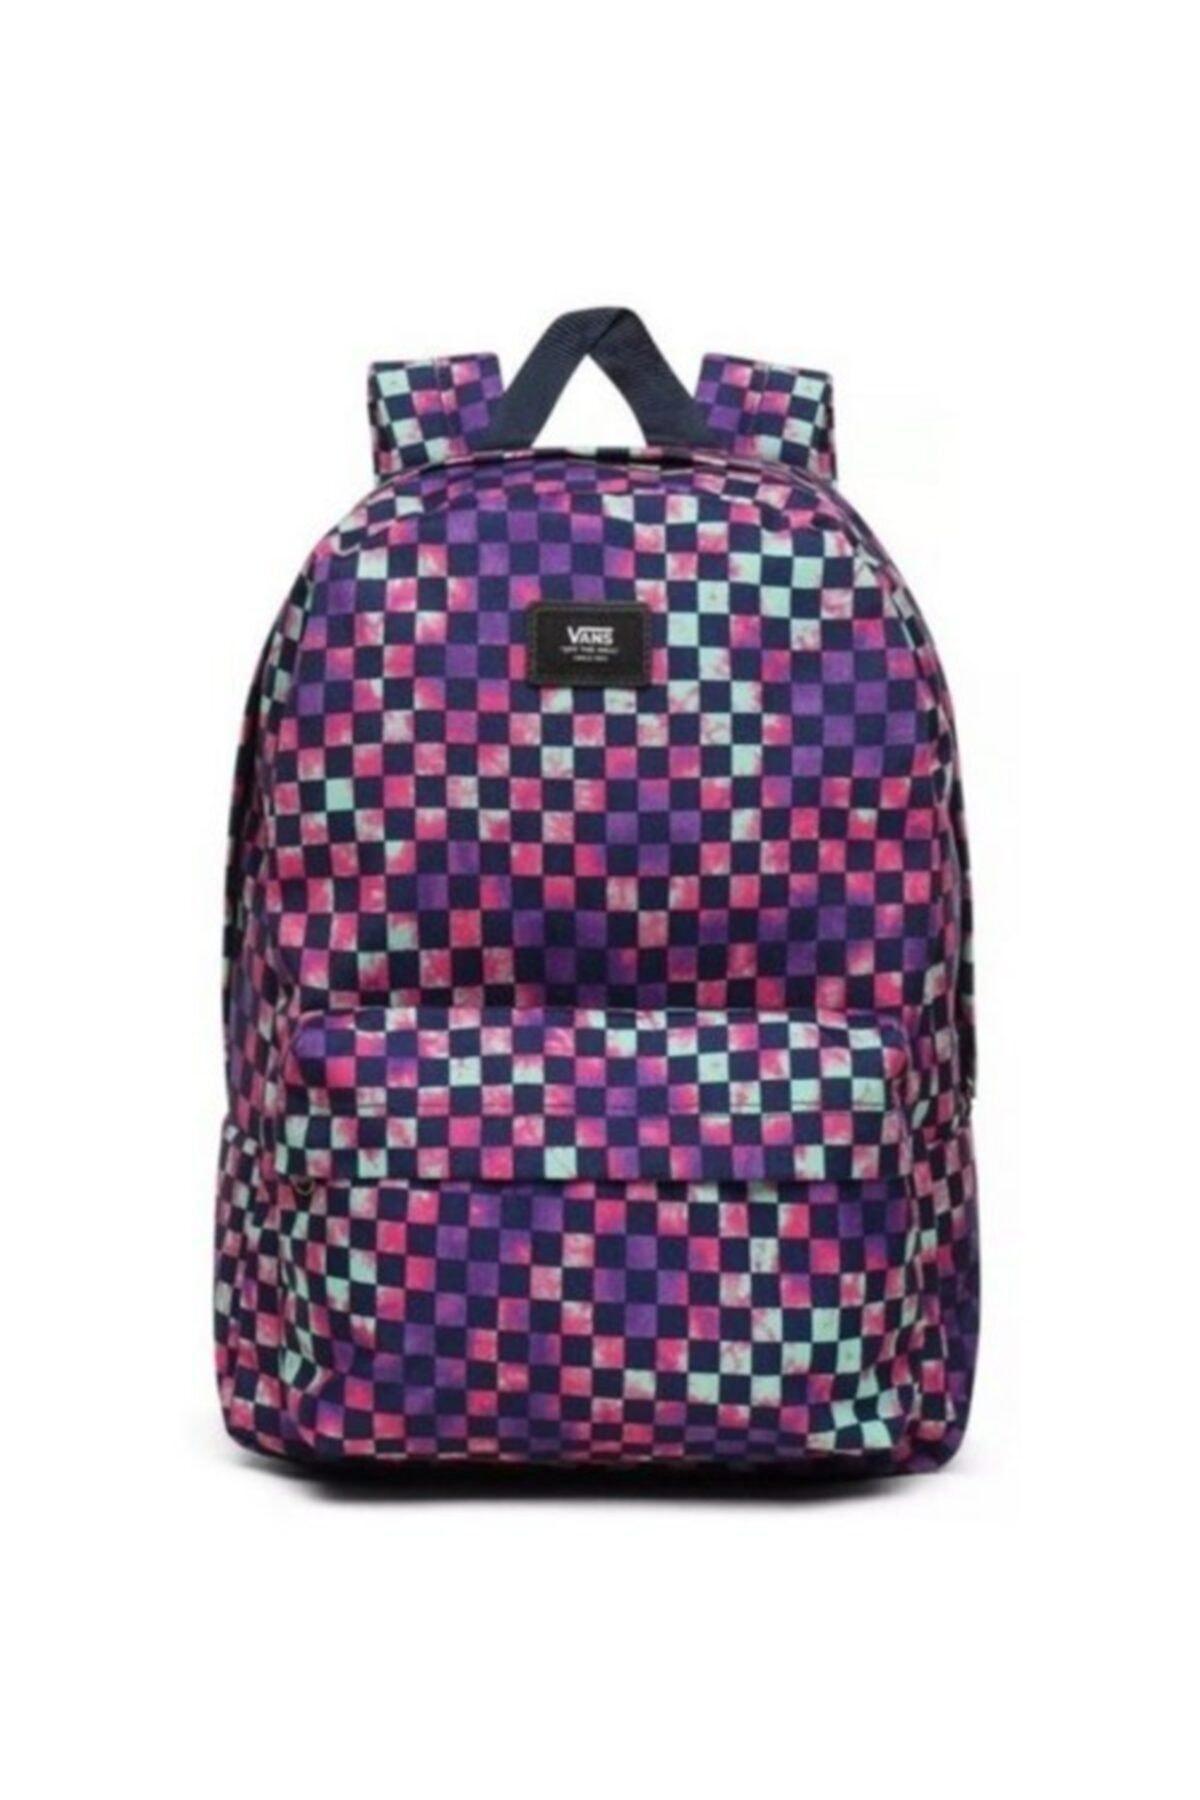 Vans Unisex Mor Old Skool Iıı Backpack Sırt Çantası 1